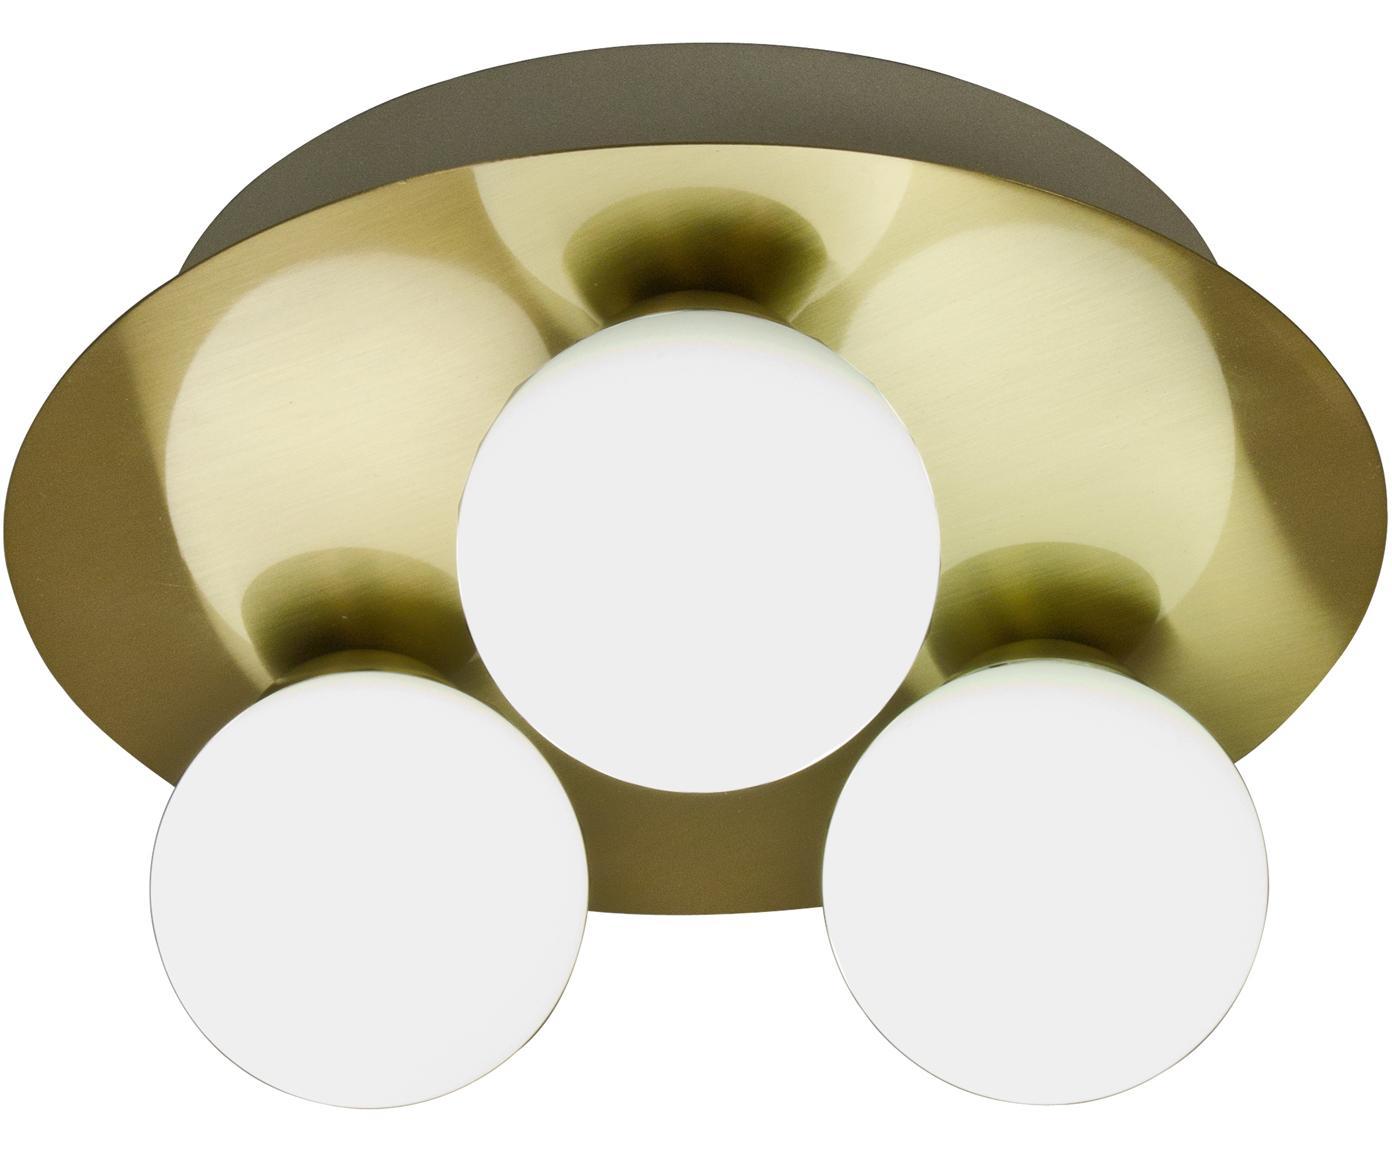 LED Deckenleuchte Orfeus, Lampenschirm: Opalglas, Messing, Opalweiß, Ø 25 x H 13 cm